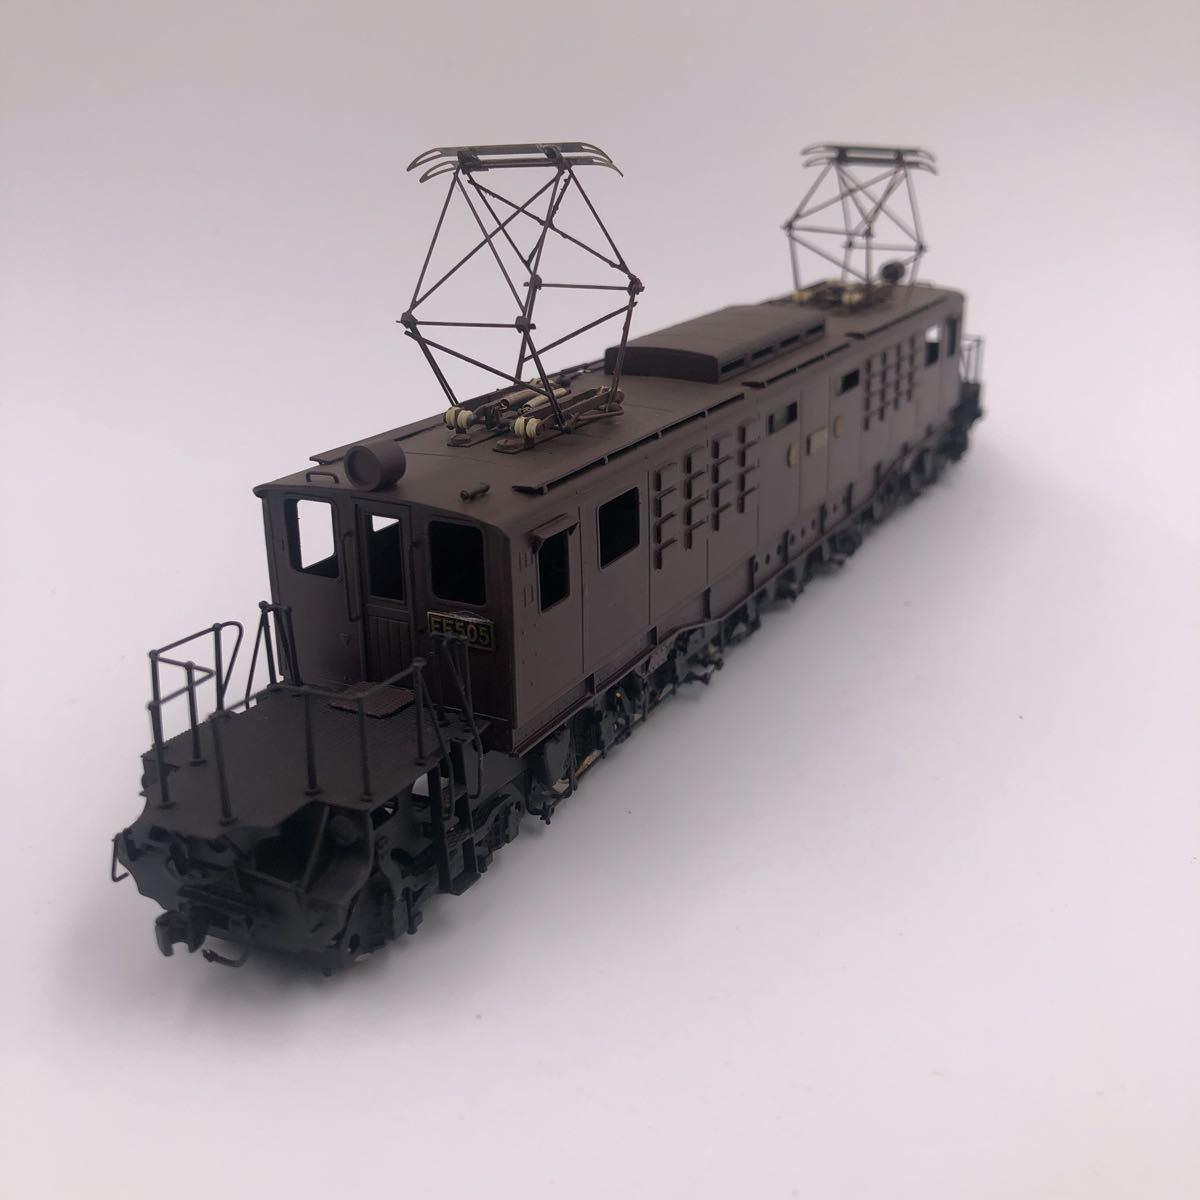 ピノチオ 国鉄 EF50 直流電気機関車 HOゲージ